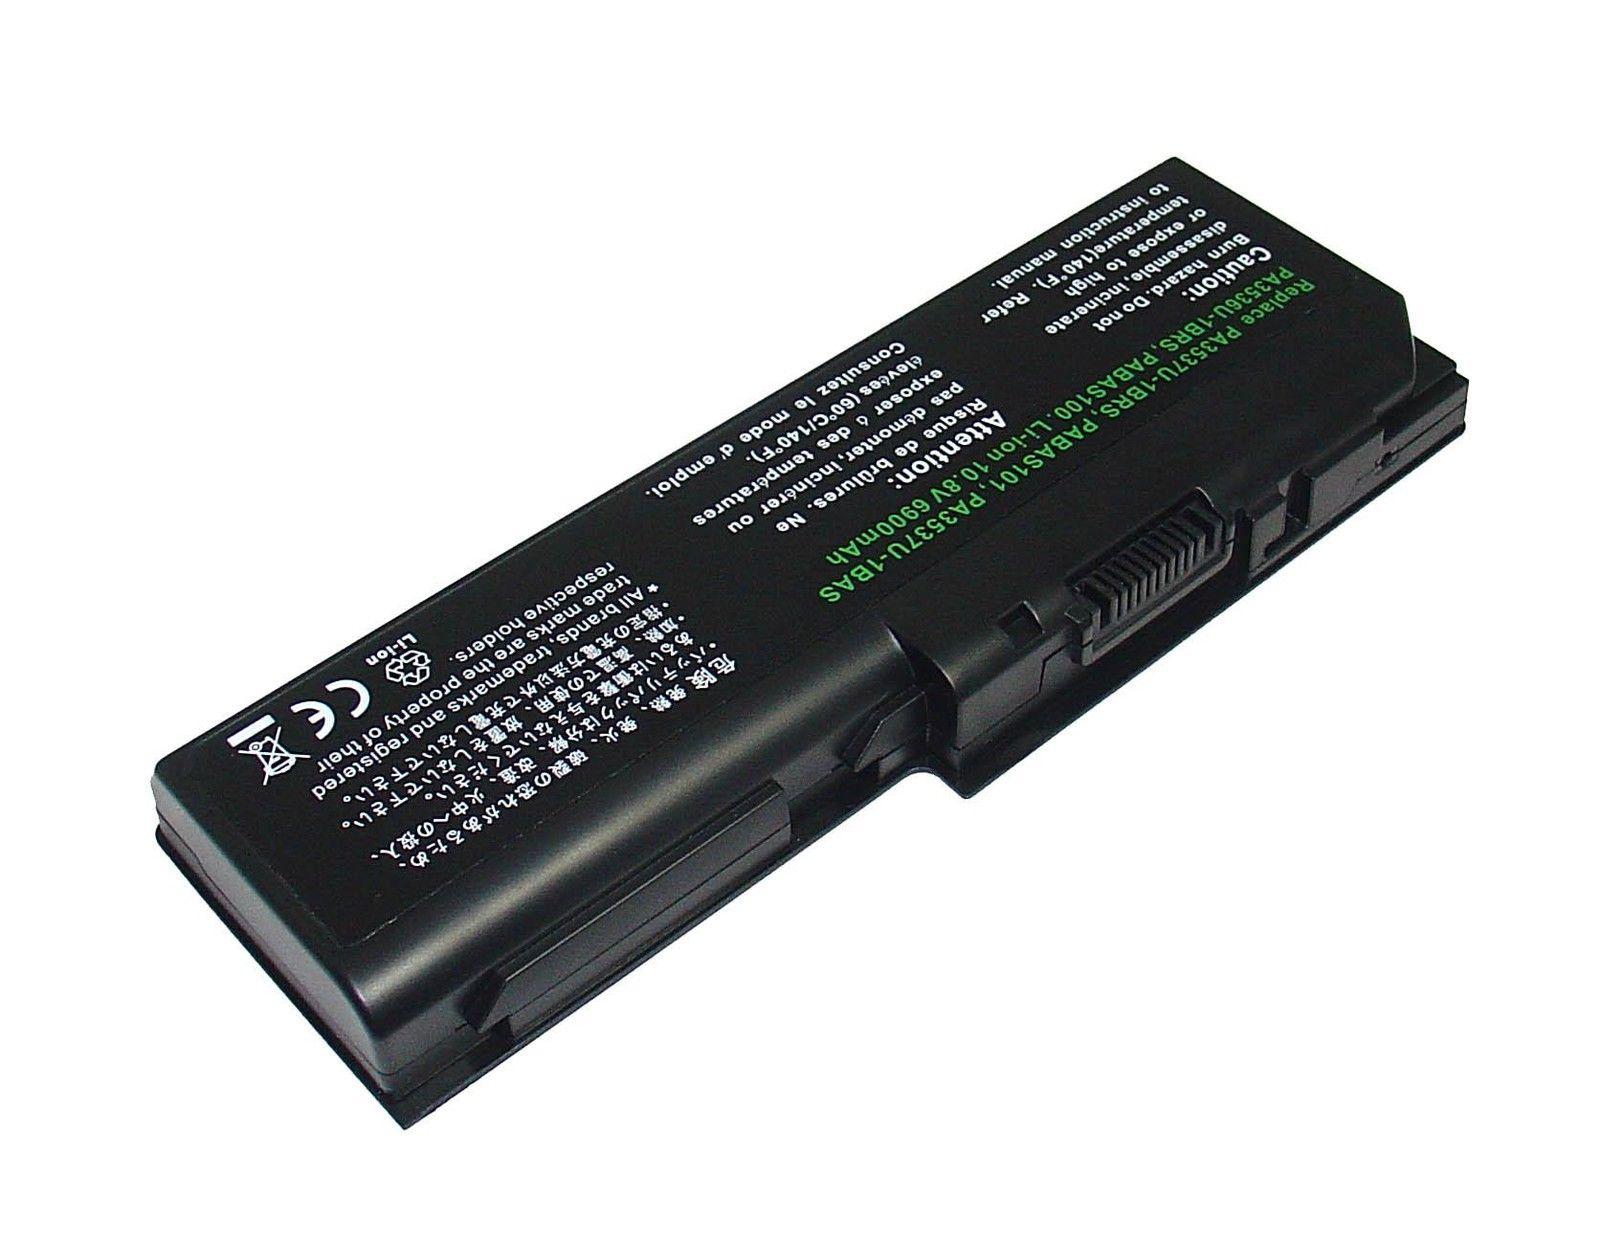 Toshiba L850 Manual Wiring Diagrams 50hm66 Television Array Pin Laptop Satellite Linh Ki N 365 Rh Linhkien365 Net